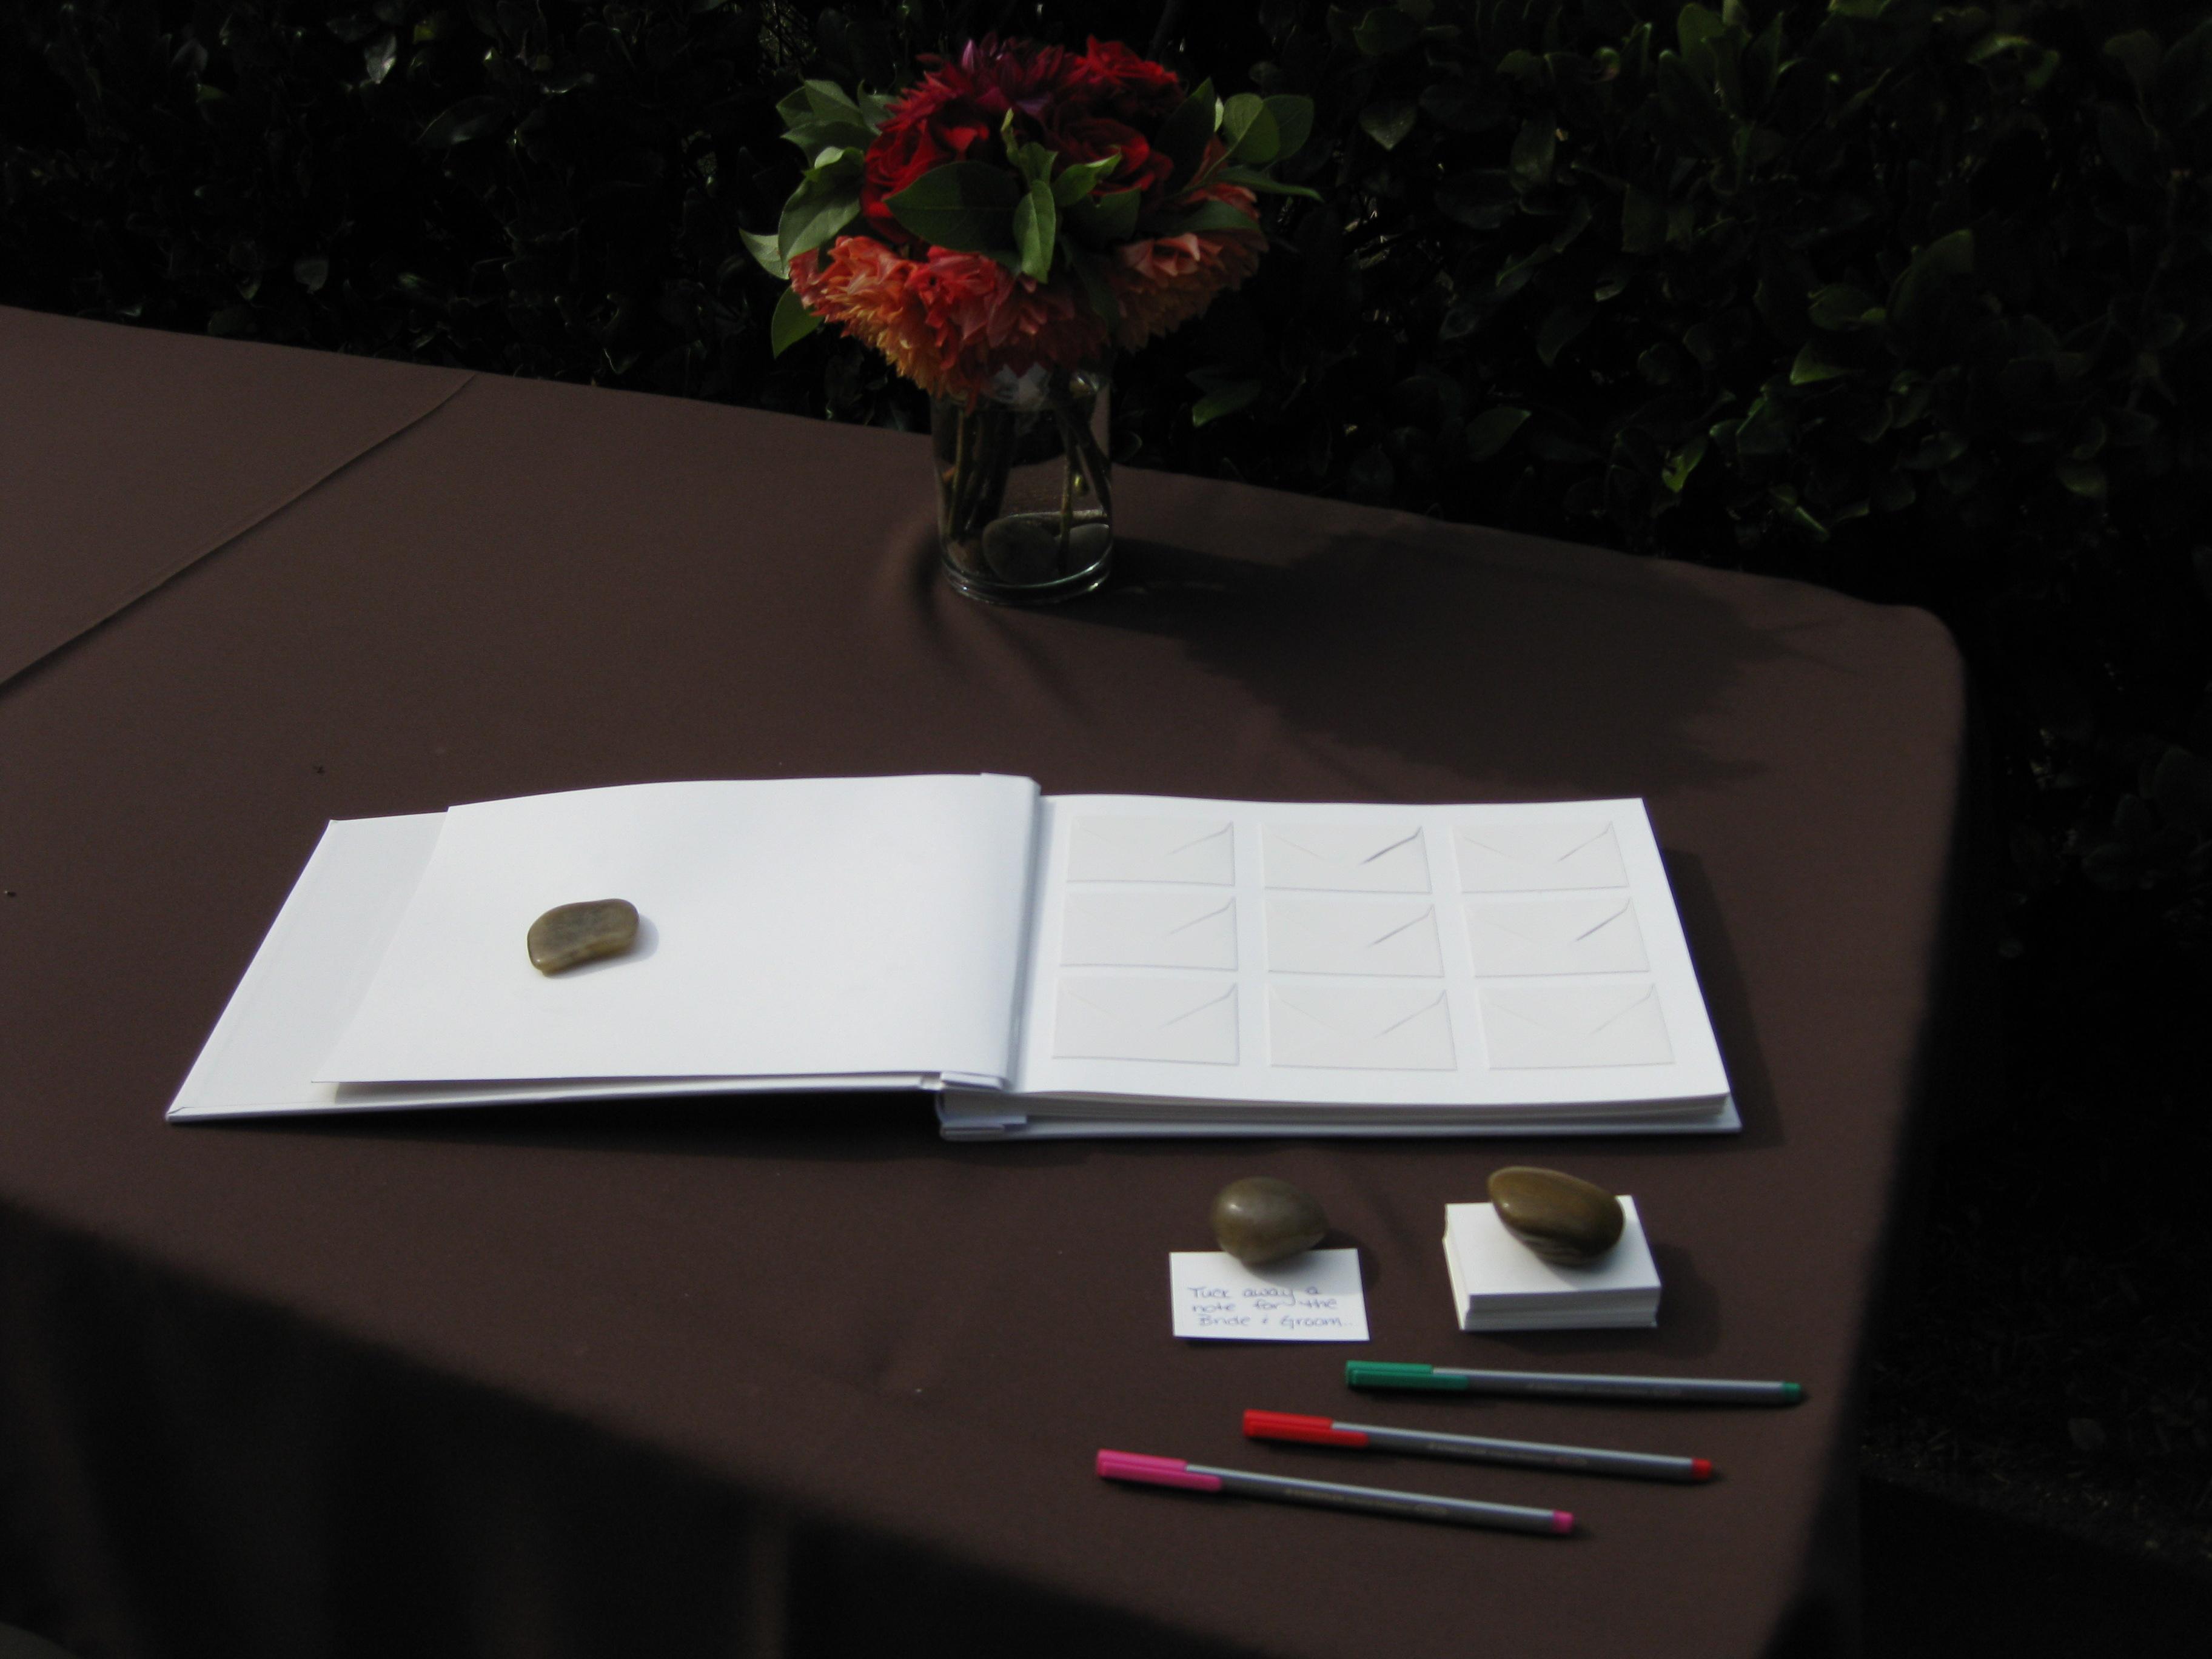 内向型人間は、自分の考えや感情を「書く」という行為で表現すると、新しい発見があるかも!